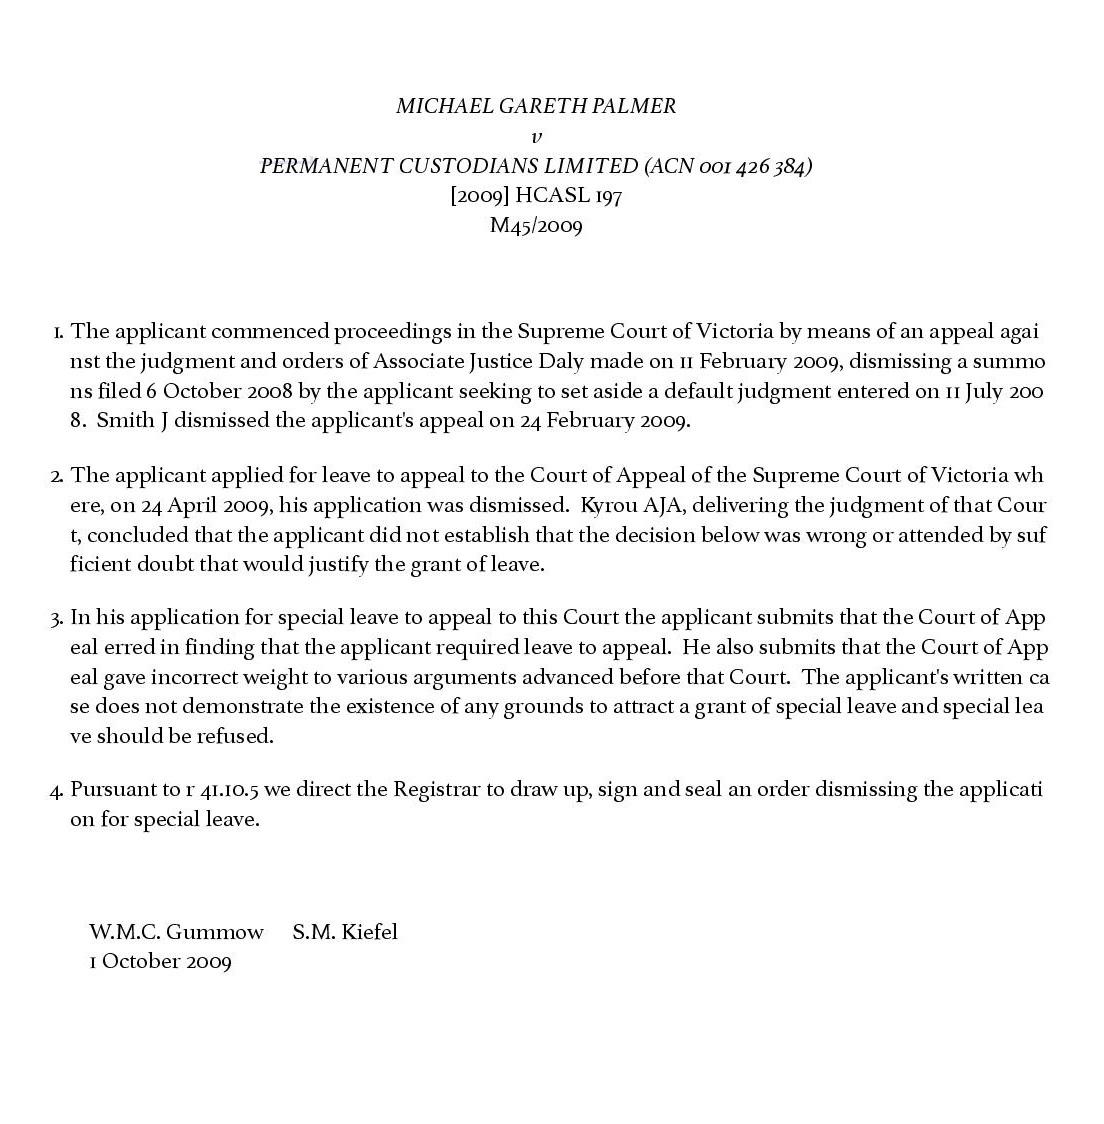 Michael Gareth Palmer v Permanent Custodians Limited (ACN 001 426 384) - BarNet Jade - BarNet Jade-page-001